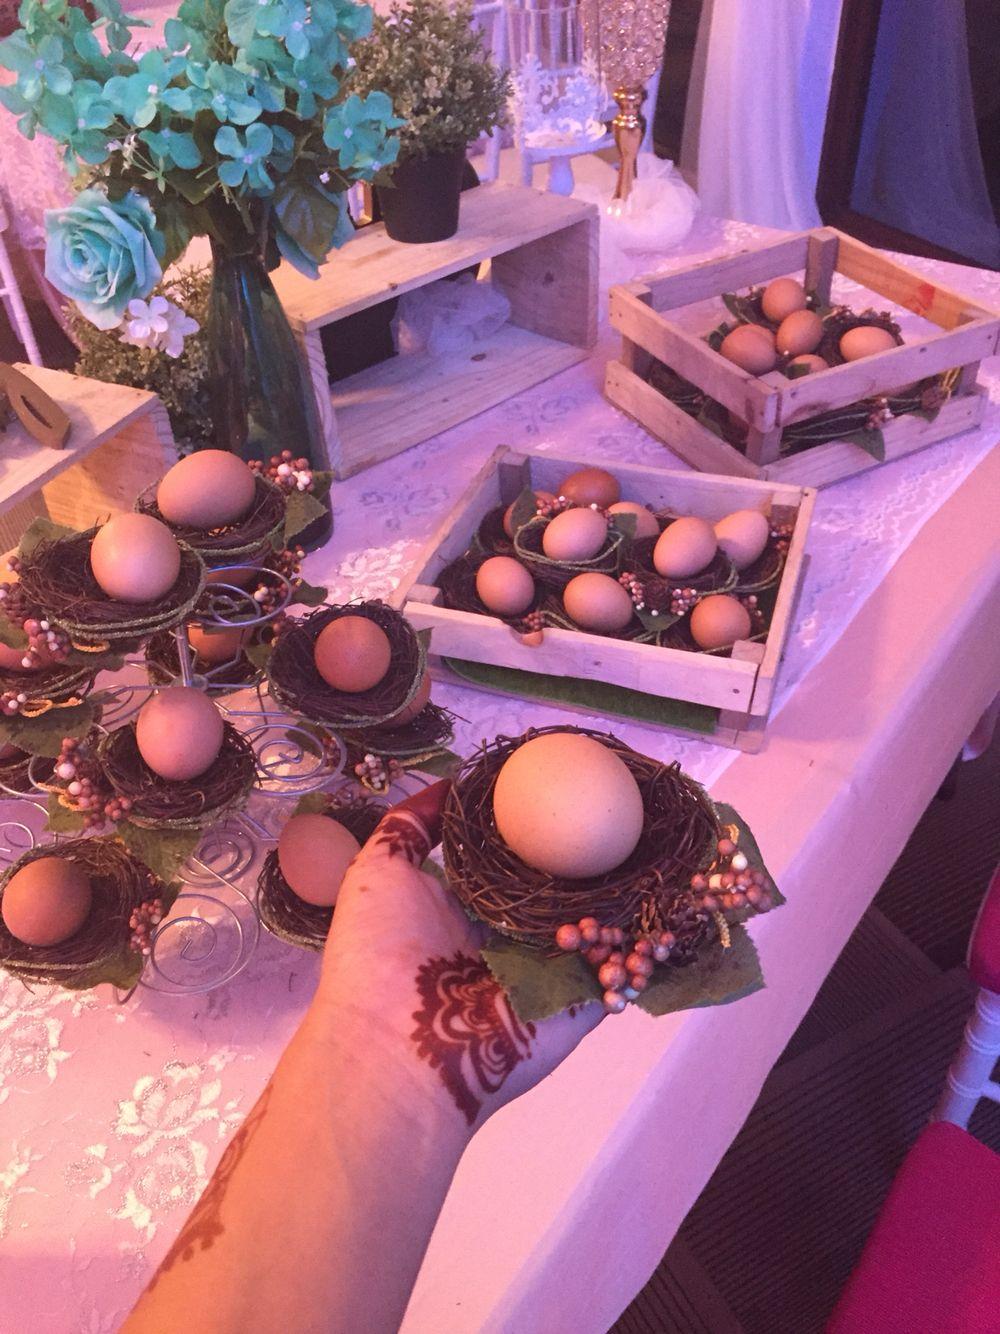 Modern bunga pahar for muslim weddings! Eggs in birds\' nest ...